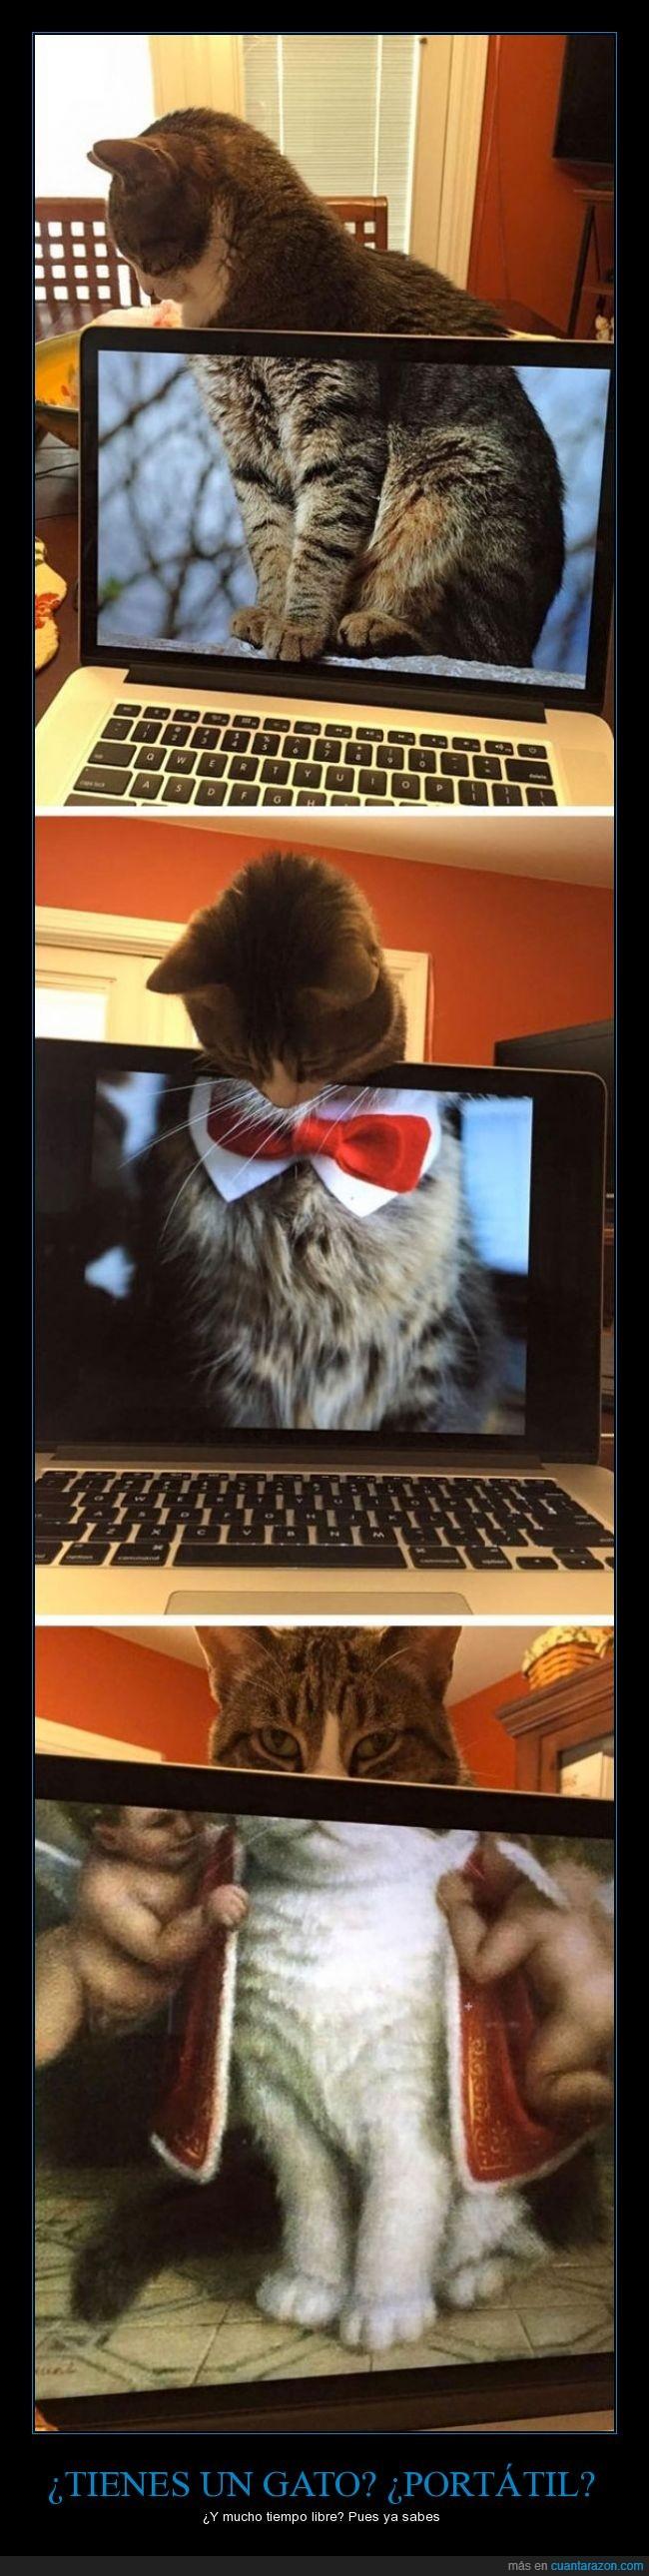 colocar,encajar,gato,internet,libre,ordenador,pantalla,portatil,tiempo